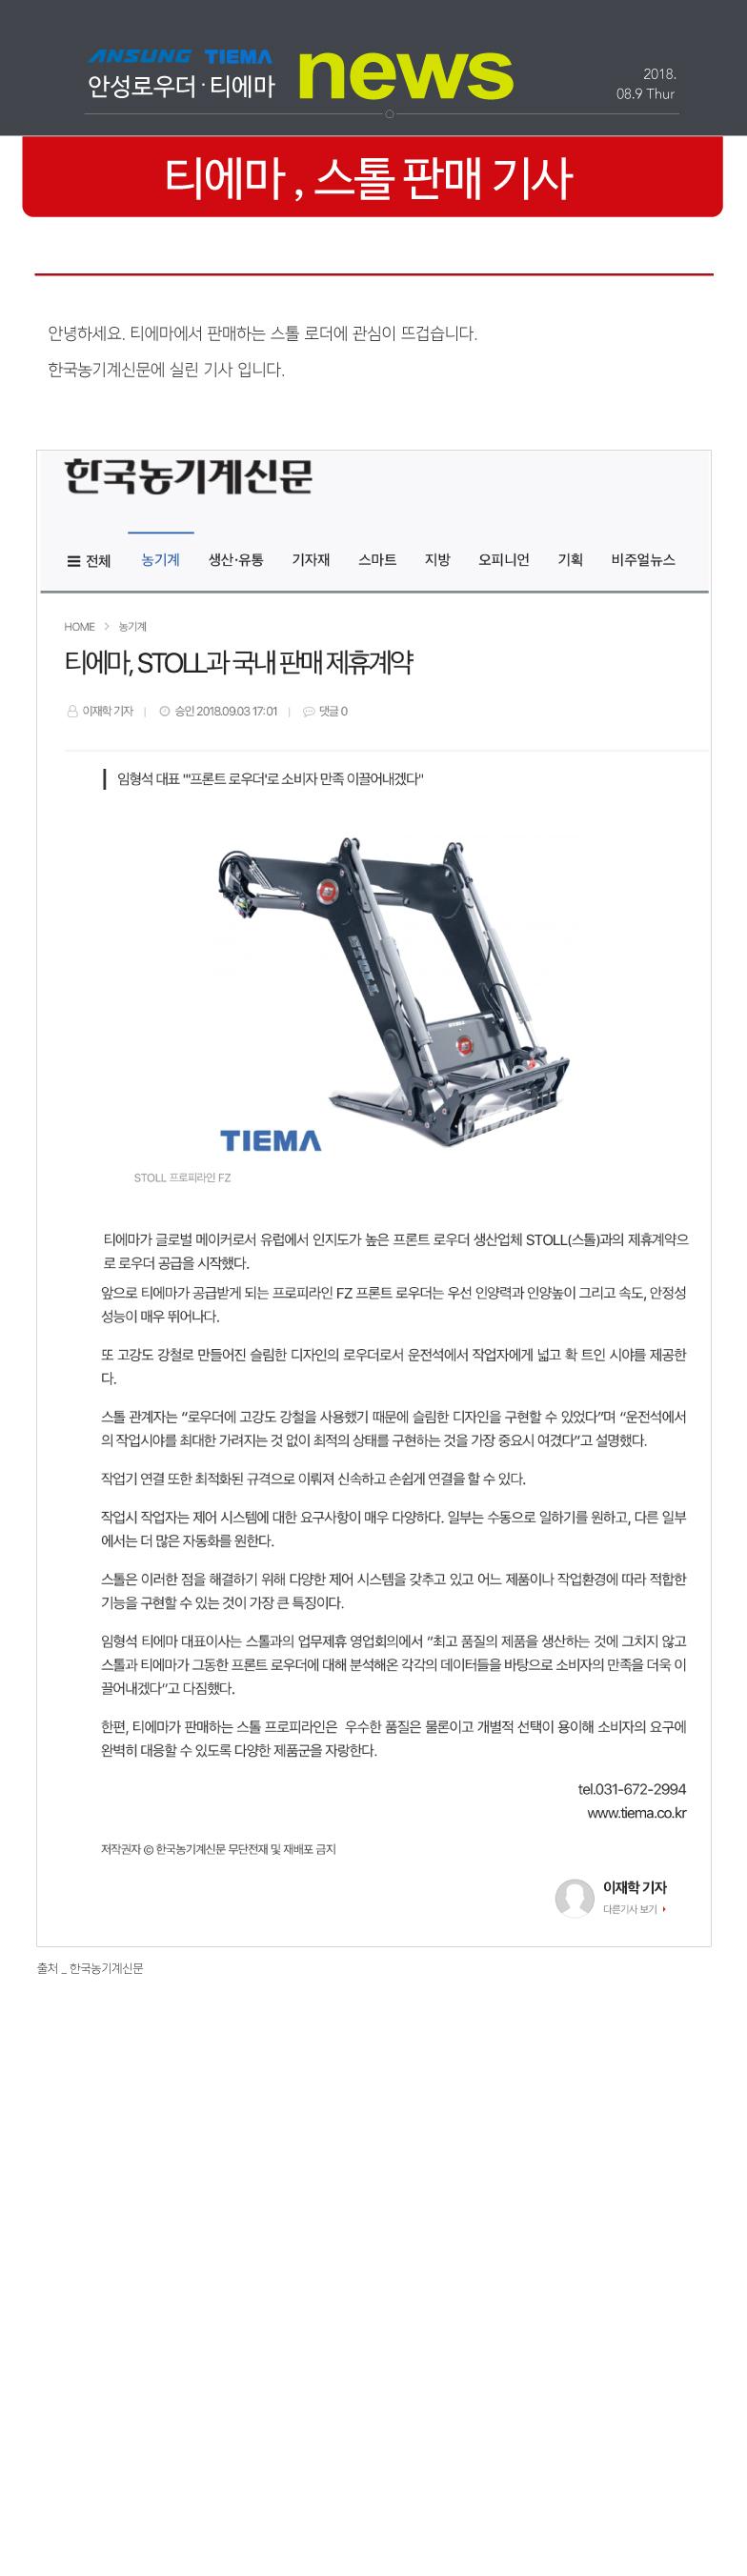 _티에마-홈페이지-게시판-스톨-기사.jpg